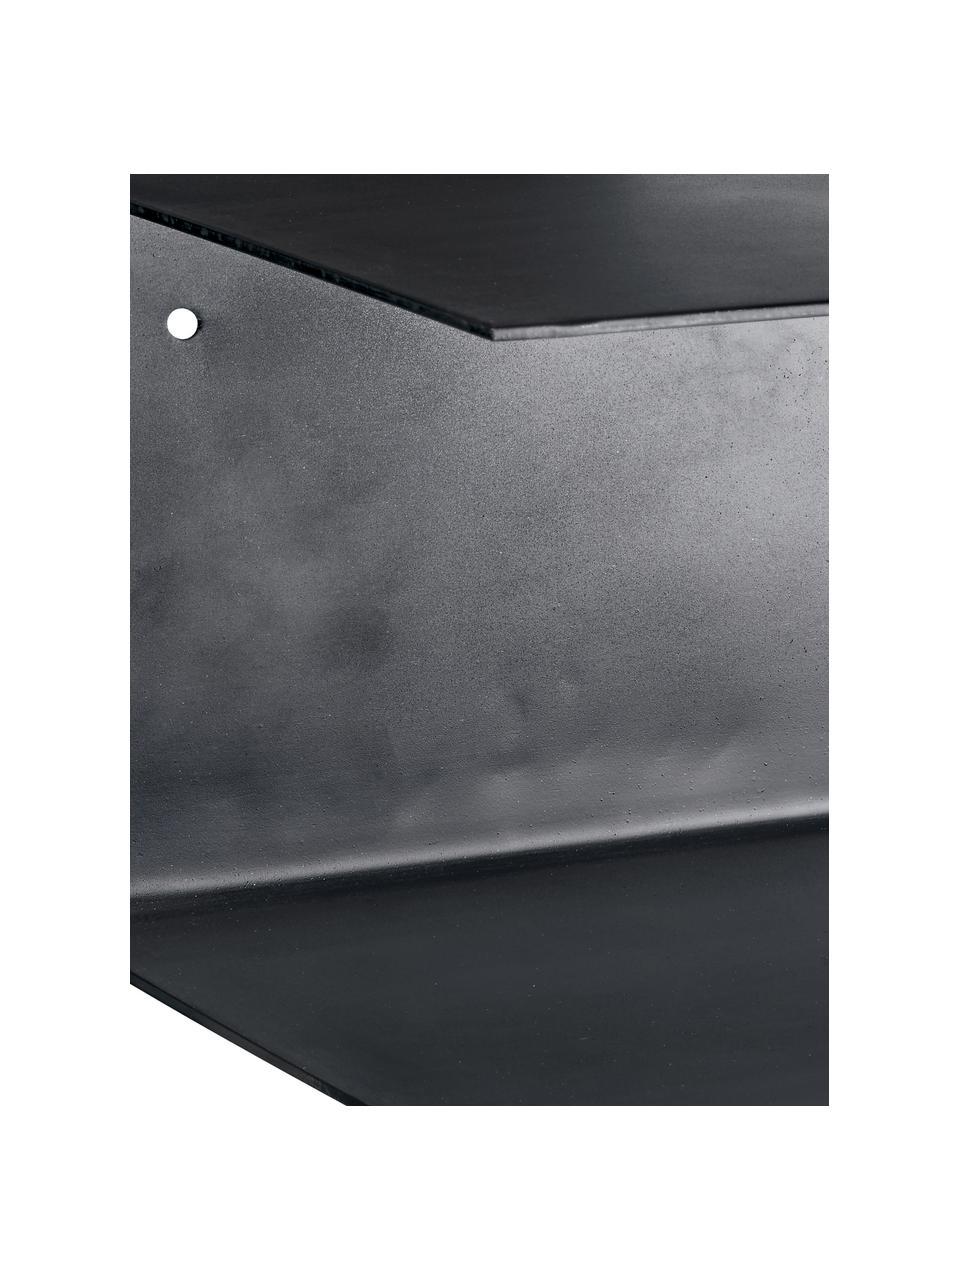 Wandregal Phantom aus Metall, 2 Stück, Metall, lackiert, Dunkelgrau, 30 x 15 cm